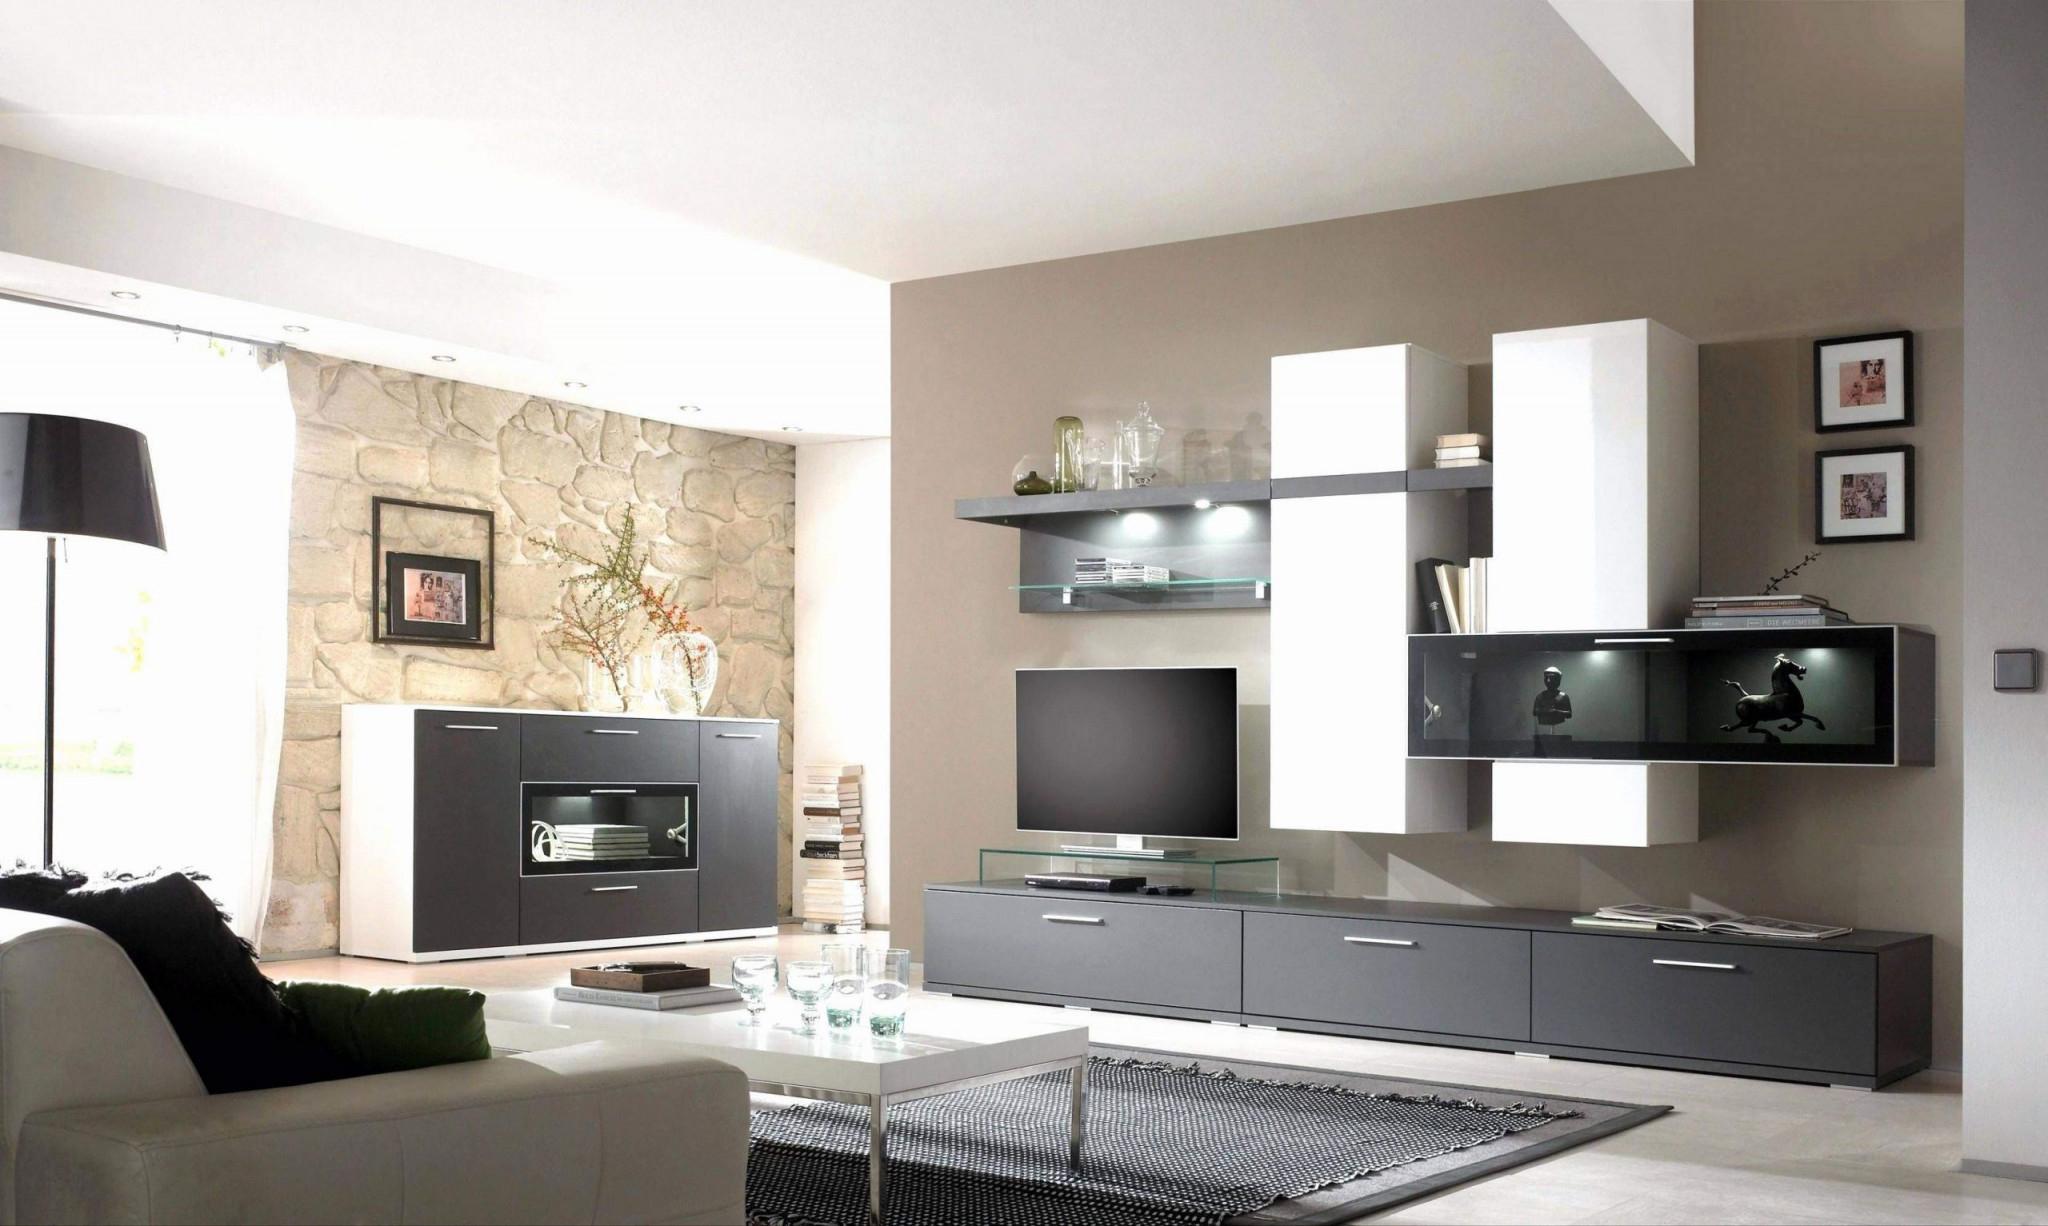 29 Inspirierend Wandfarbe Für Wohnzimmer Luxus  Wohnzimmer von Ideen Wandfarbe Wohnzimmer Photo